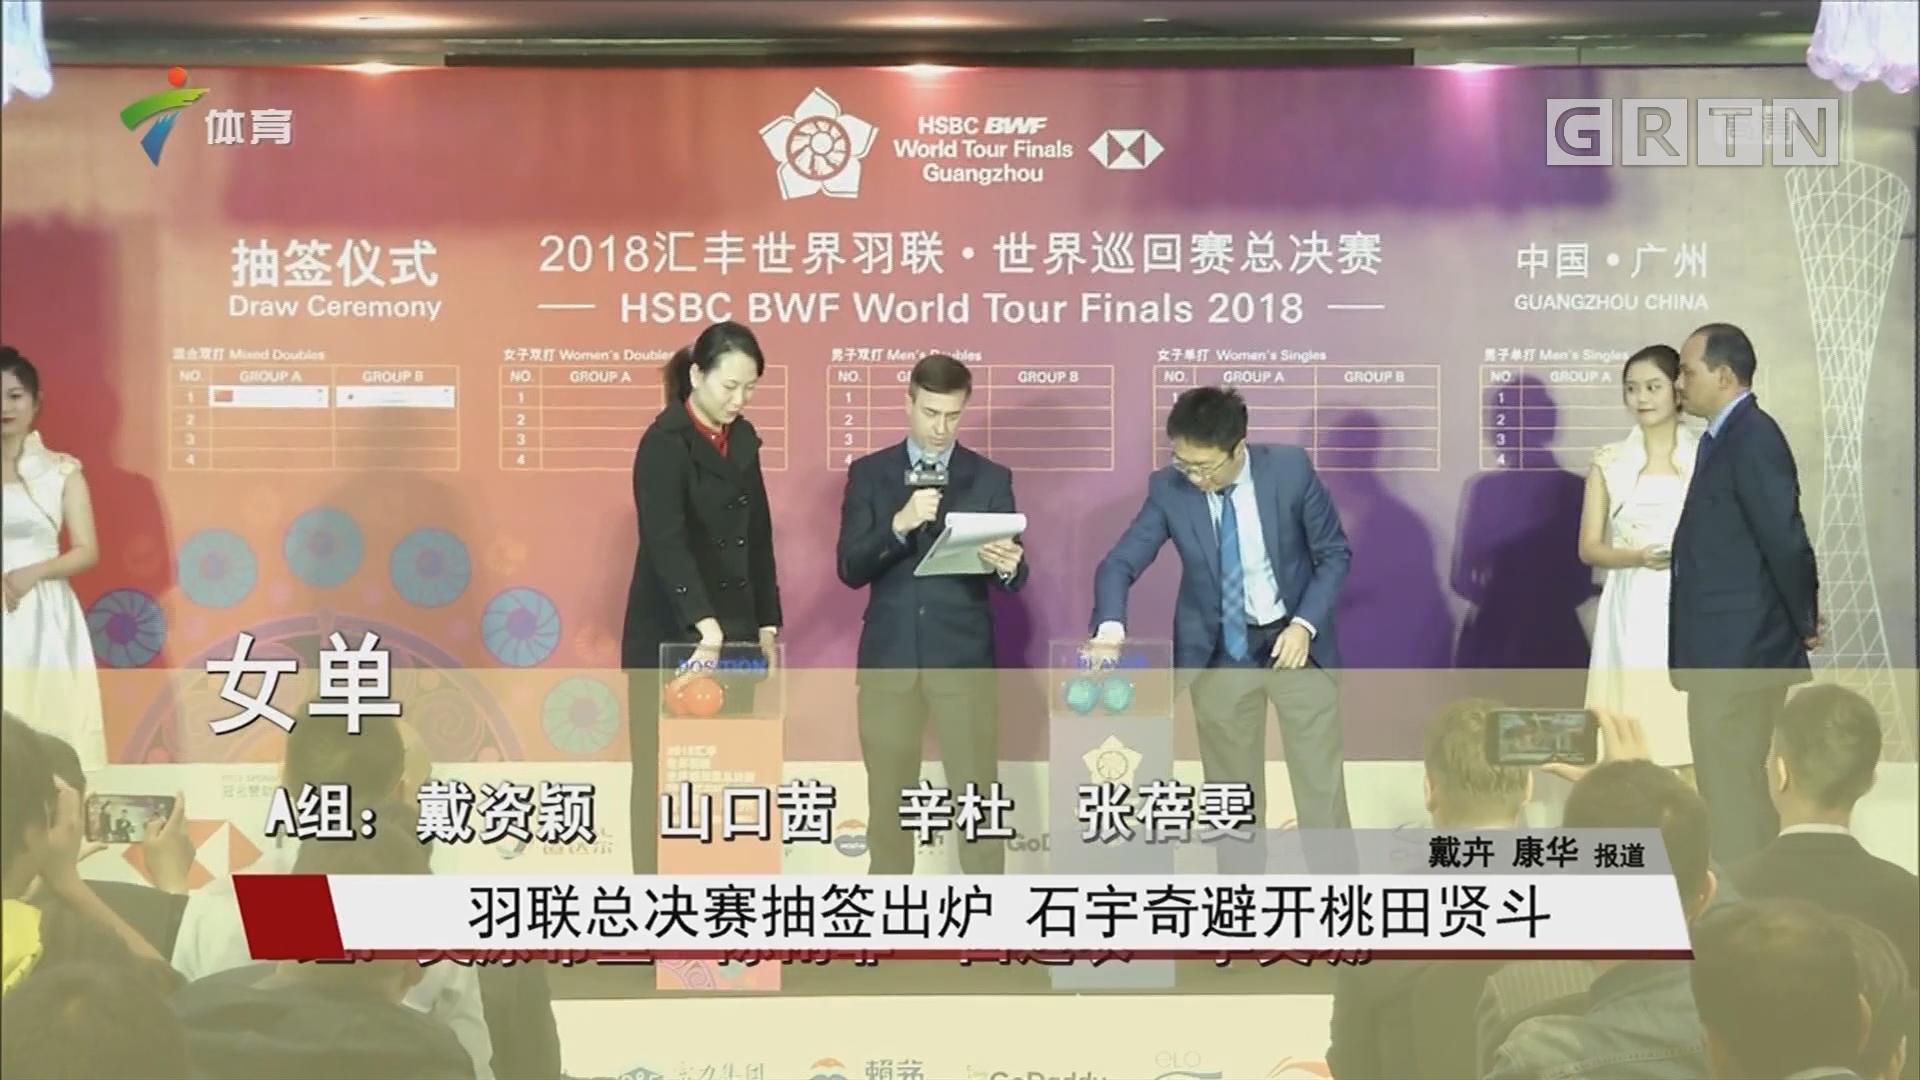 羽联总决赛抽签出炉 石宇奇避开桃田贤斗